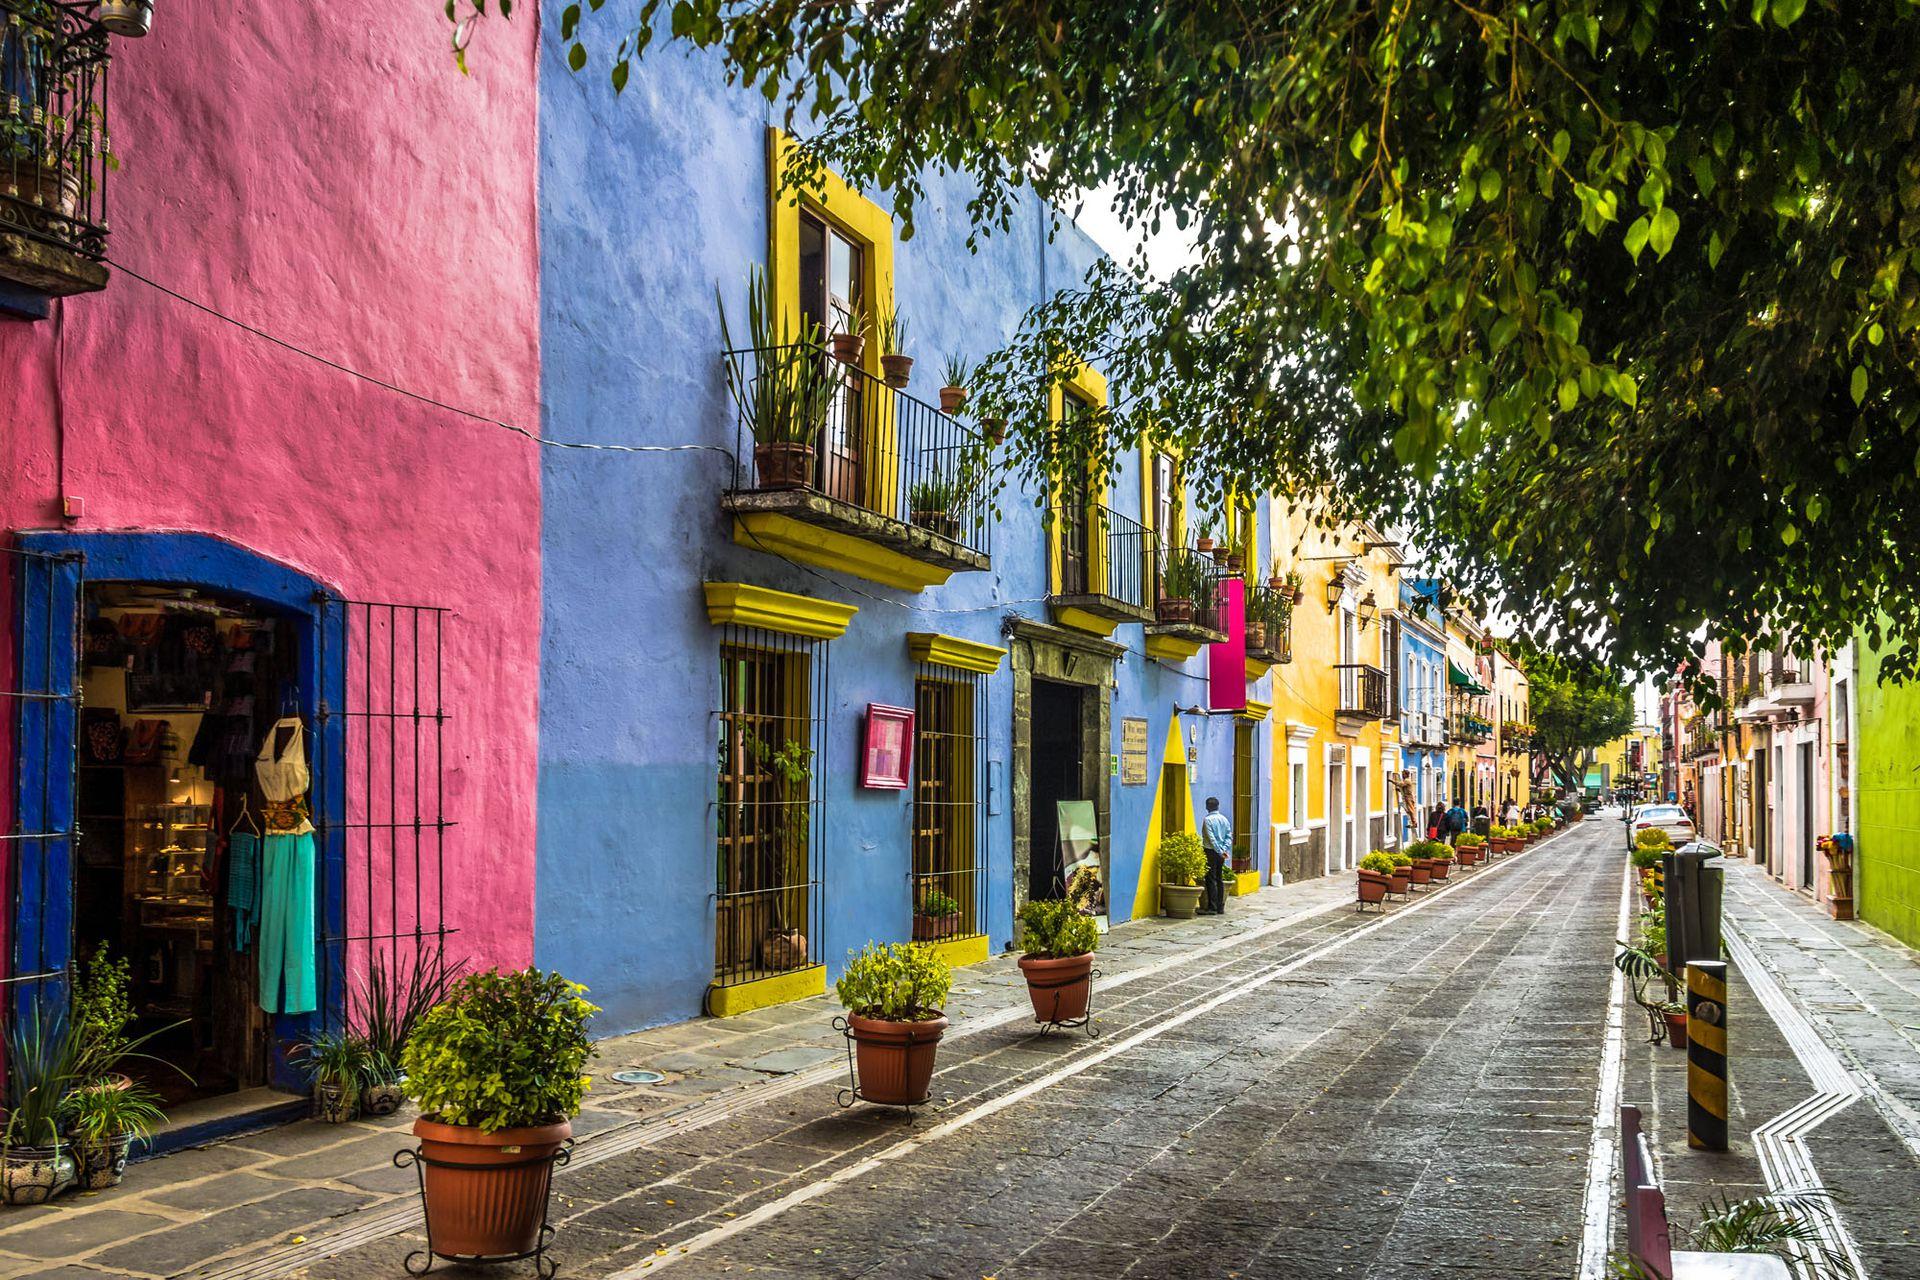 El Callejón de los Sapos en Puebla